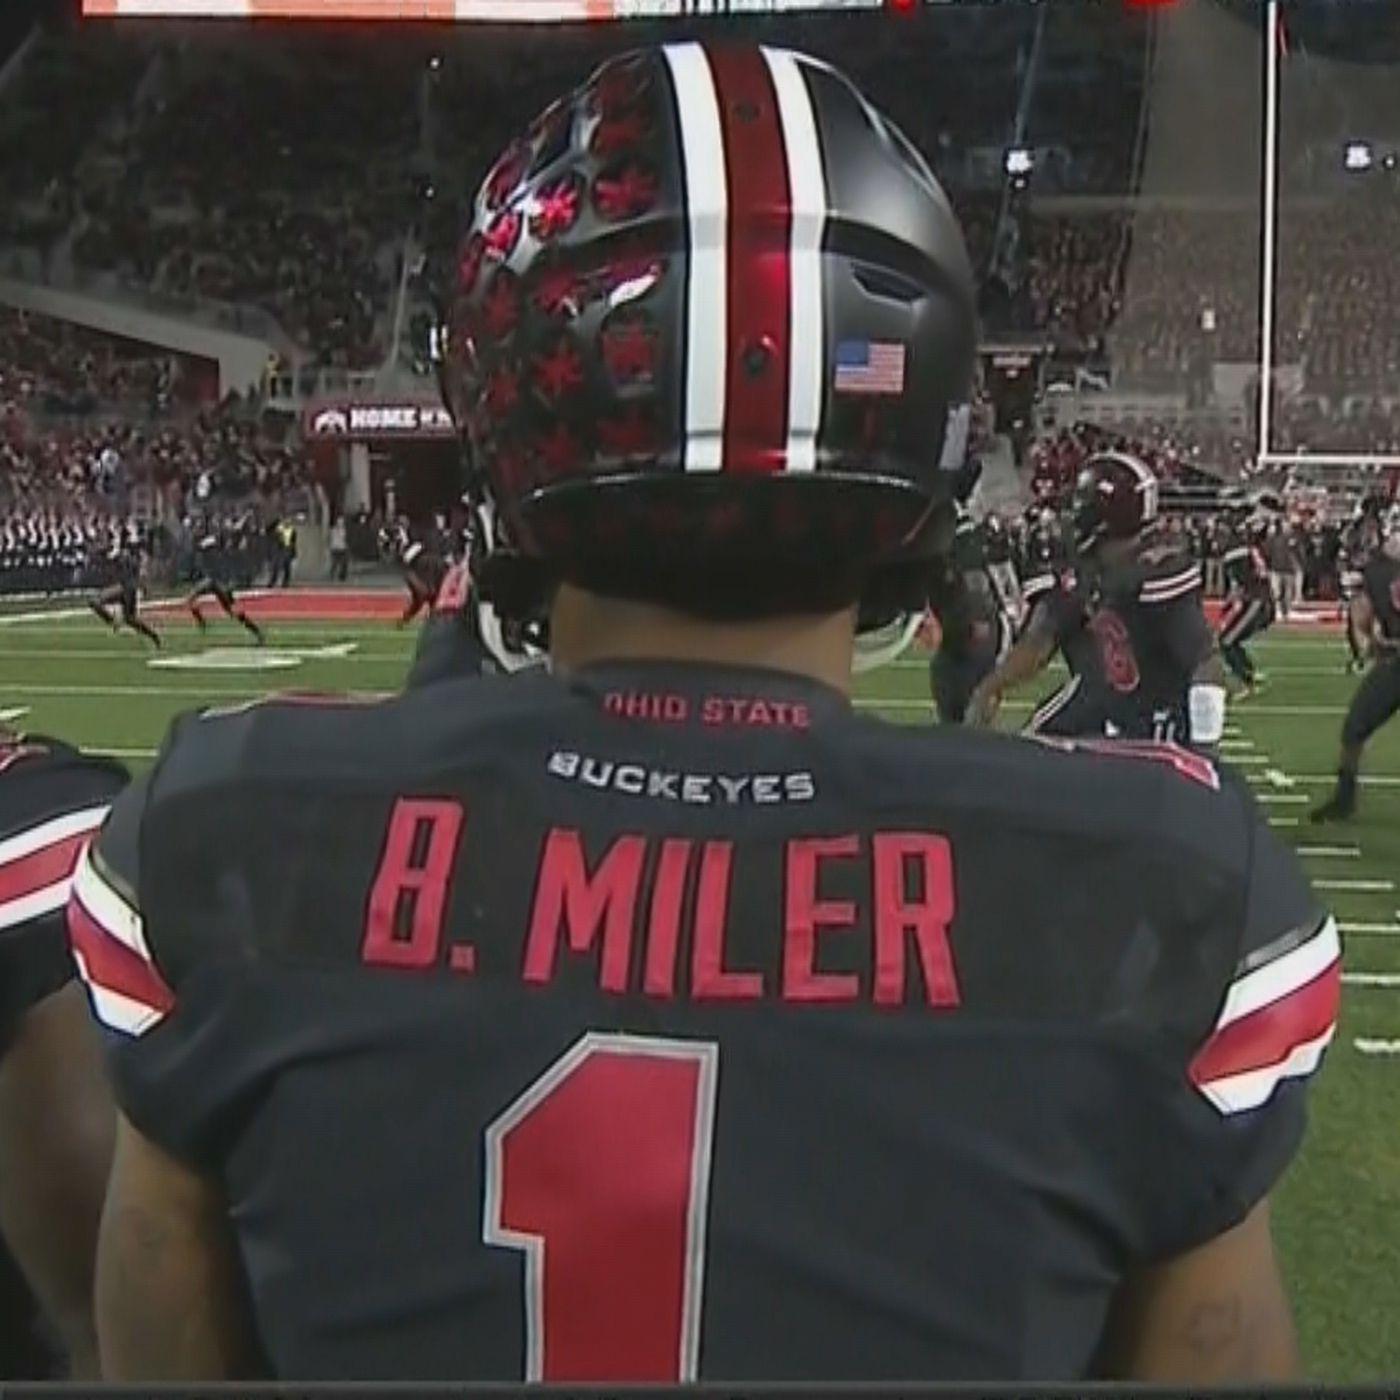 Braxton Miller is not Braxton Miler, despite what his jersey said ...